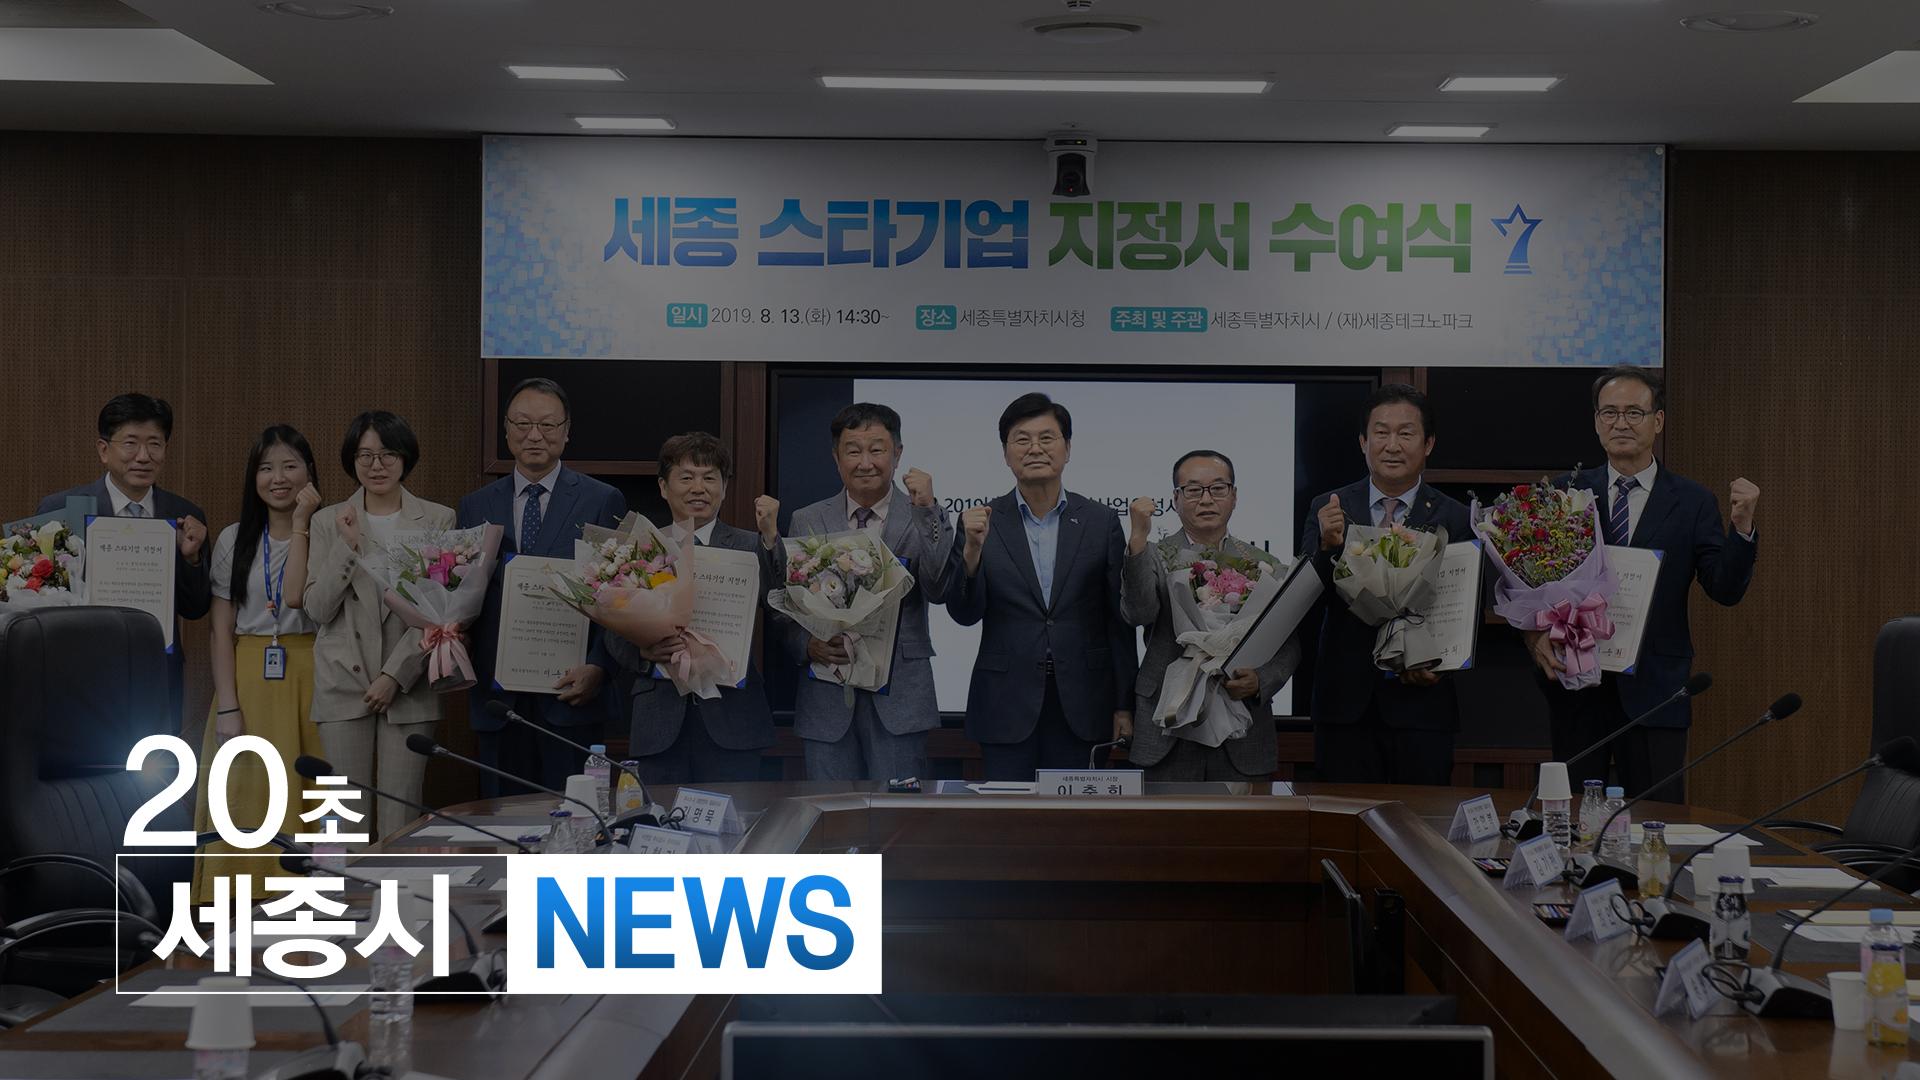 <20초뉴스> '2019년 세종 스타기업 지정서 수여식'을 개최